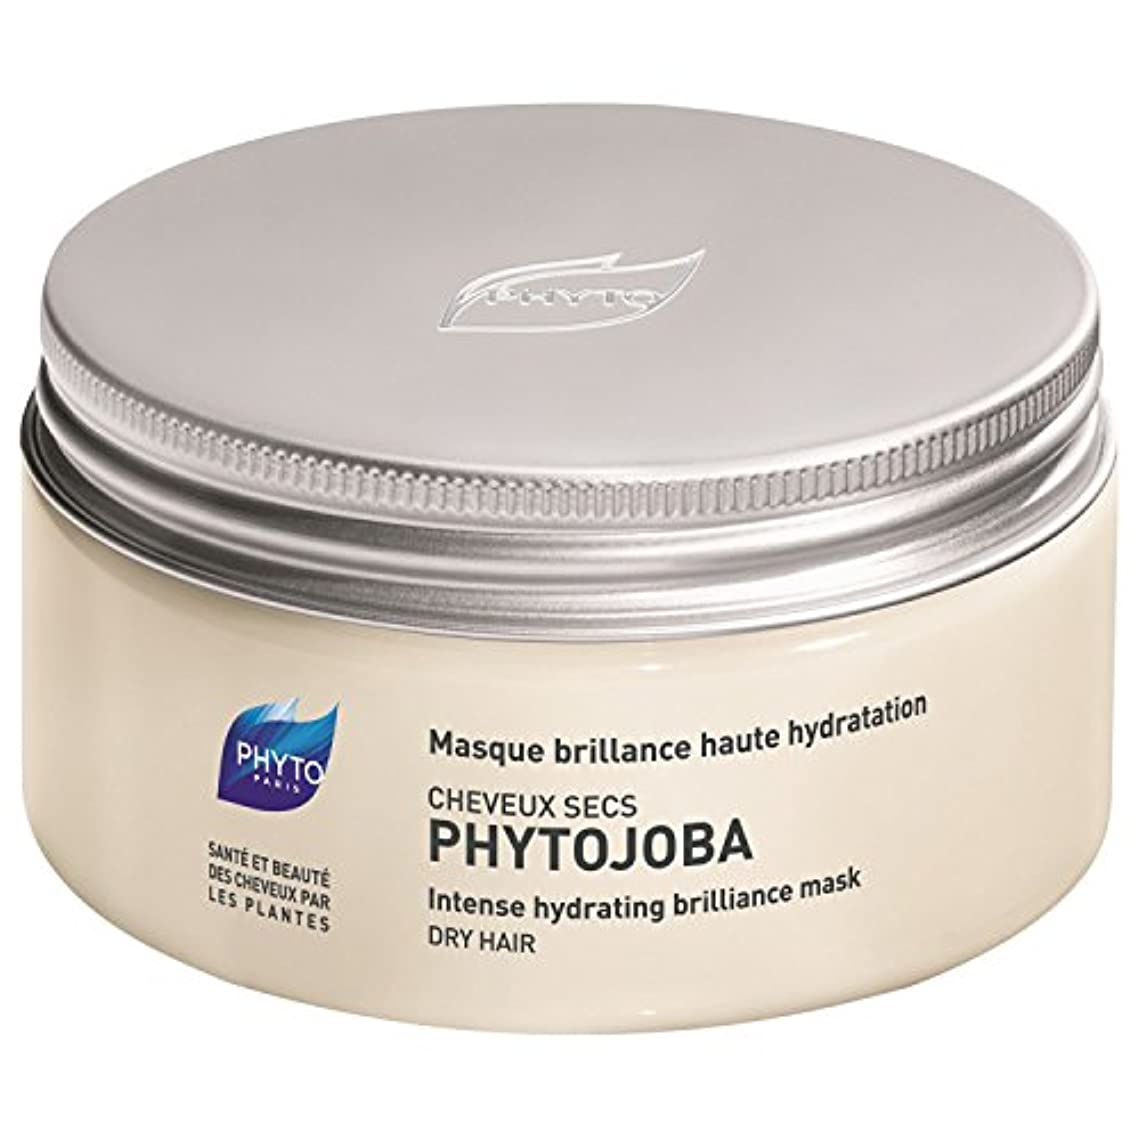 扇動落胆する登場フィトPhytojoba強烈な水分補給マスク200ミリリットル (Phyto) (x2) - Phyto Phytojoba Intense Hydrating Mask 200ml (Pack of 2) [並行輸入品]